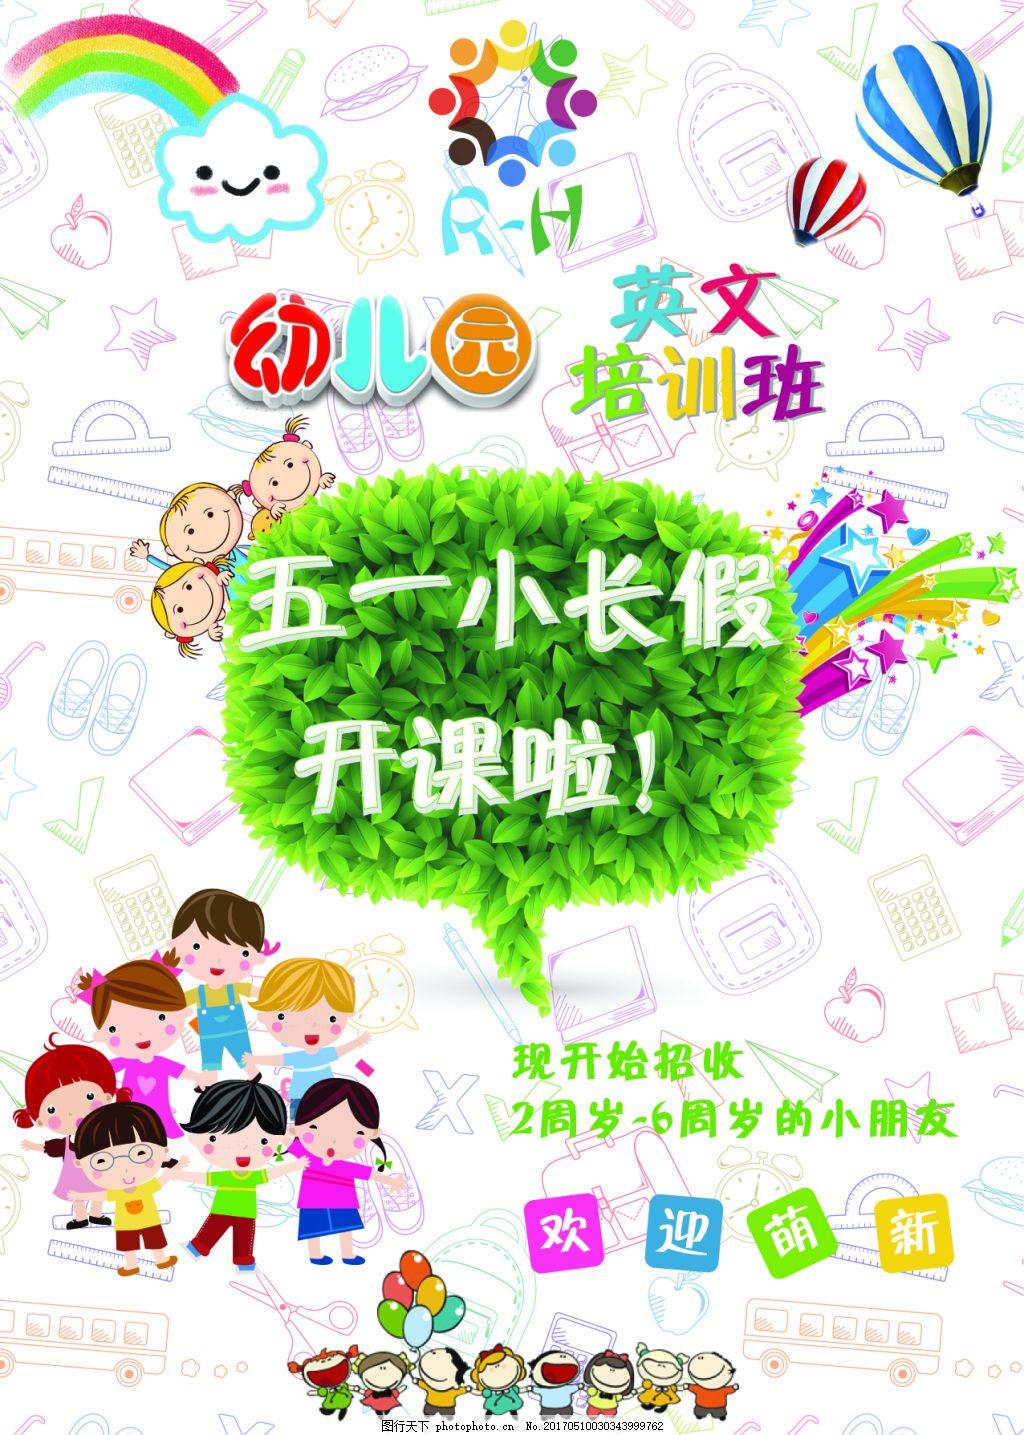 幼儿园五一英语培训班宣传单